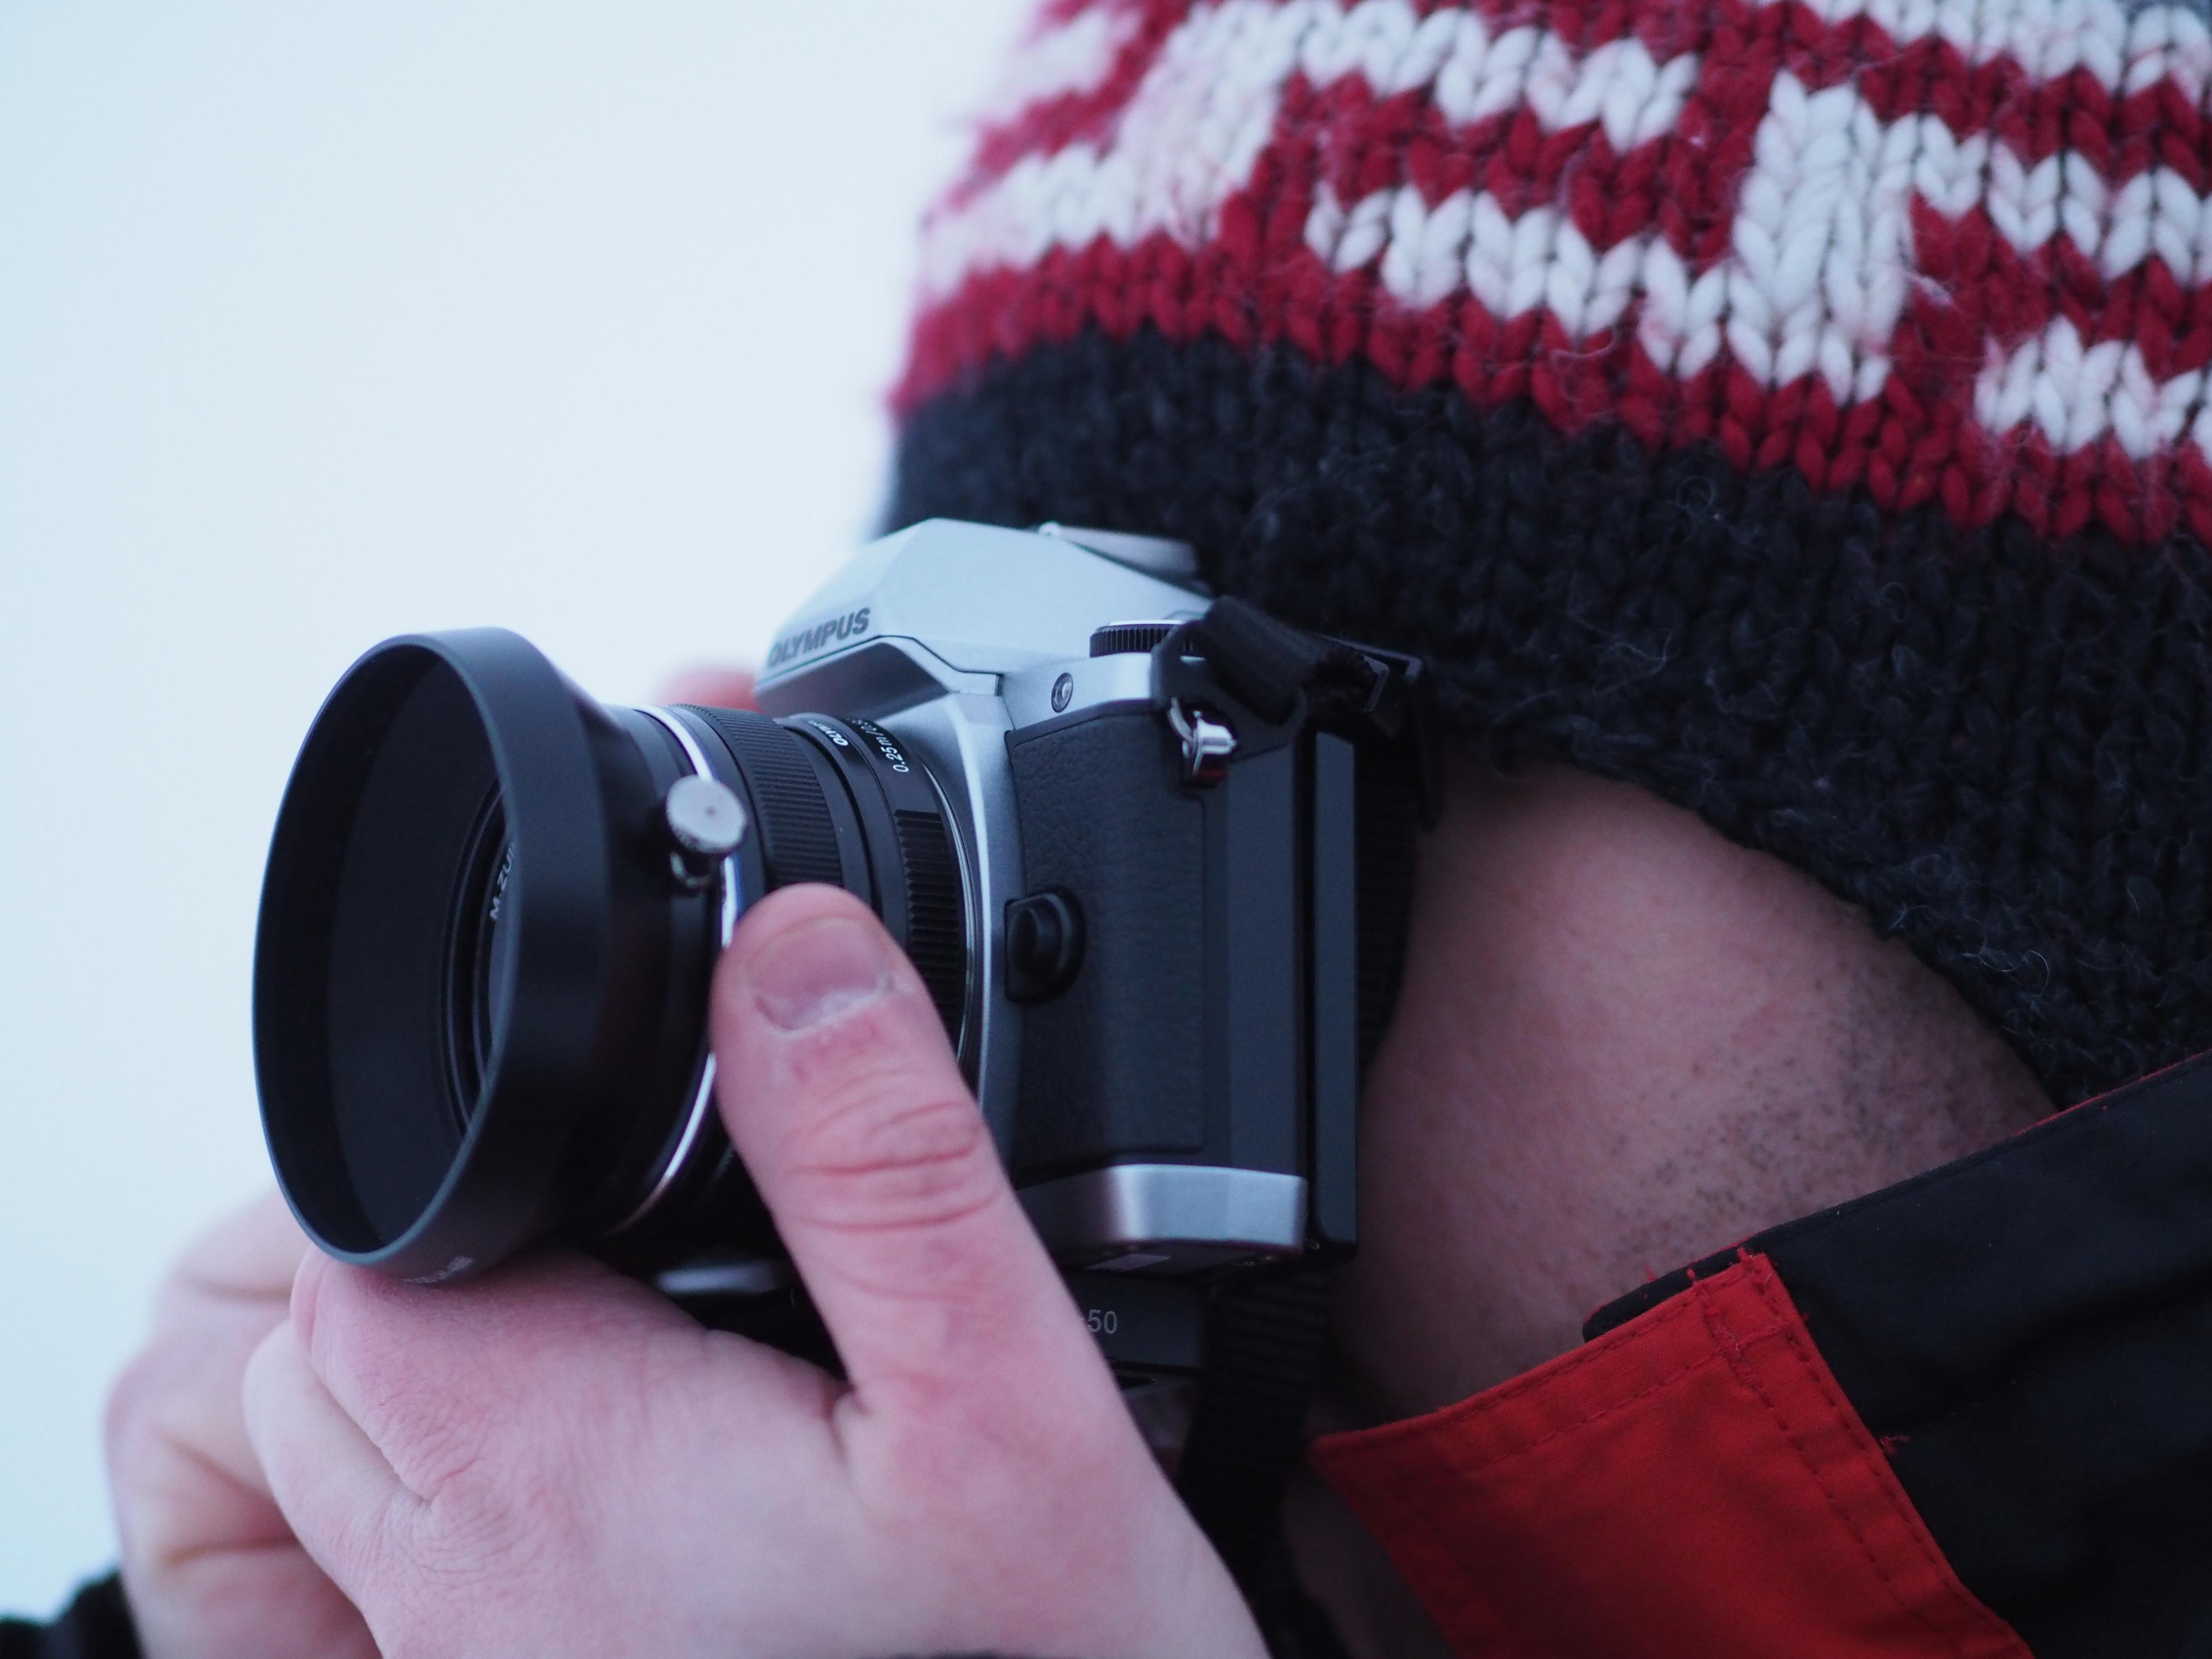 75mm, f/1.8, ISO 1600, 1/160s.Foto: Kjersti Stuestøl